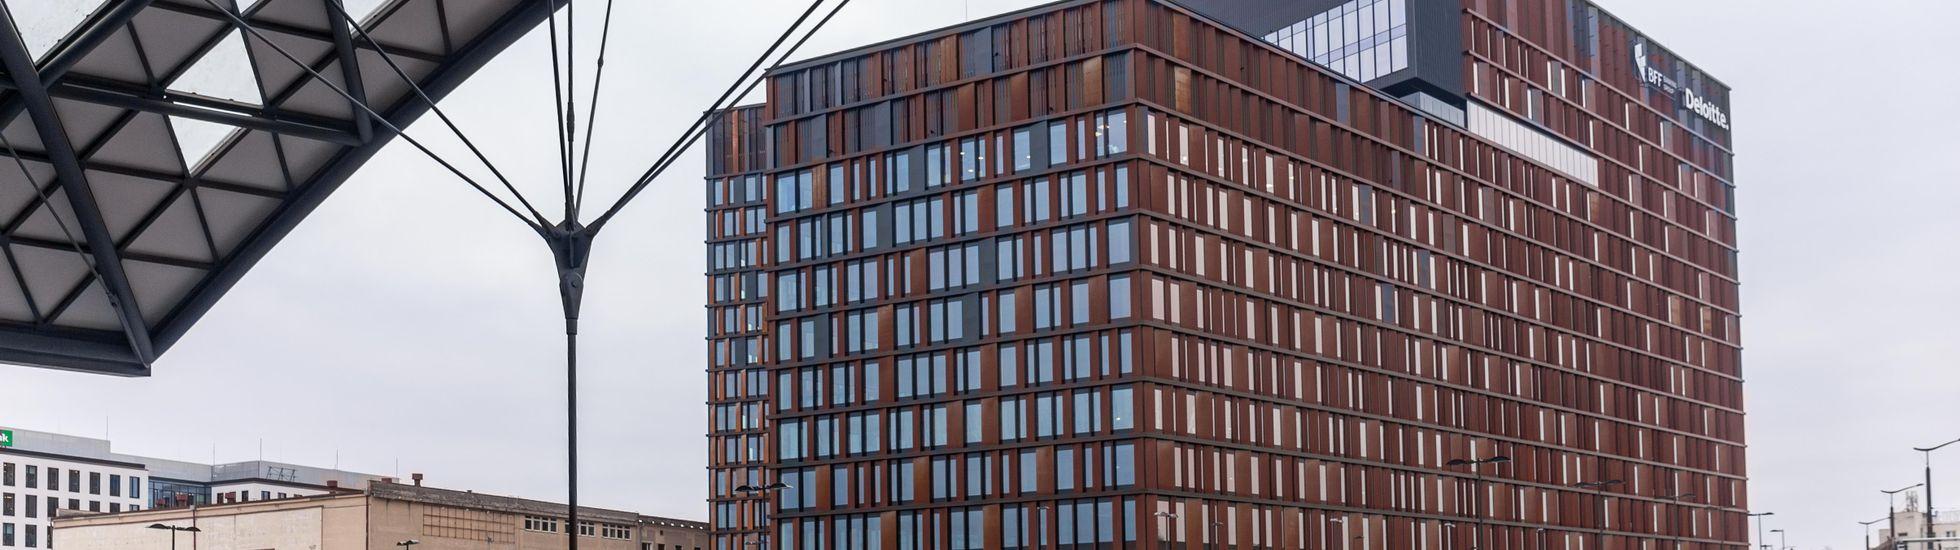 [Łódź] Rynek biurowy w Łodzi przekroczył pół miliona metrów kwadratowych